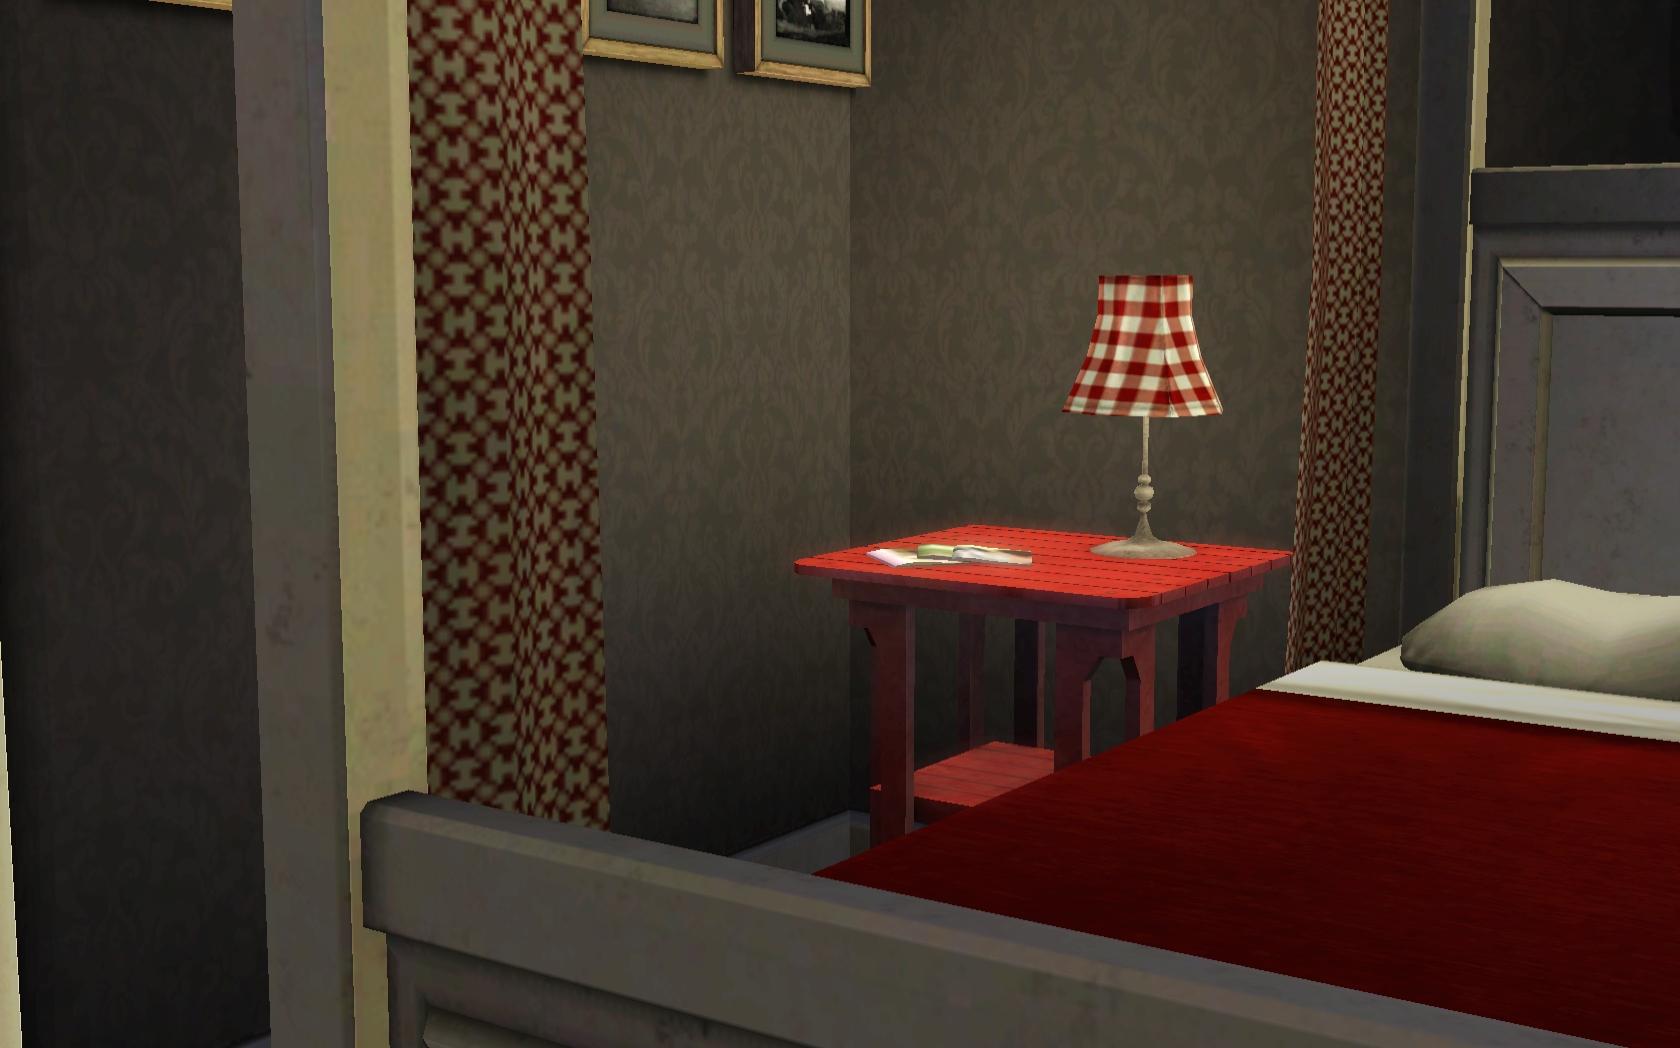 Trelängad Skånegård i Appaloosa - 01. Bilder/filmer - The Sims iFokus